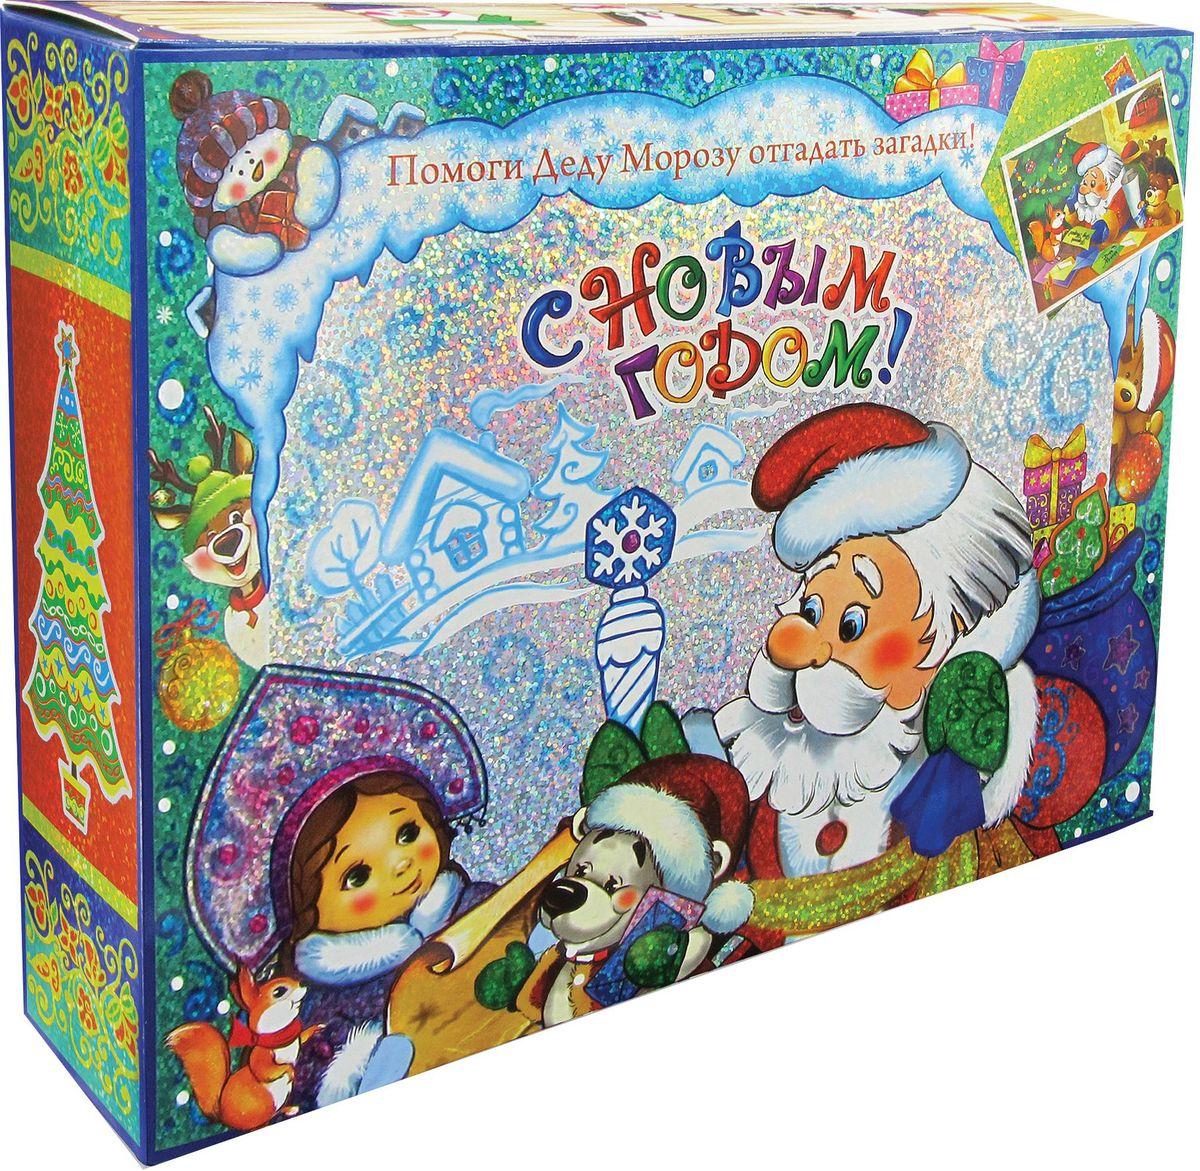 Сладкий новогодний подарок Книга Новогоднее приключение, 1000 г1557Новогодние подарки в картонной упаковке считаются самыми популярными для поздравления детей в детских садах и школах, и с каждым годом остаются лидерами продаж. Сладкий Новогодний подарок  Новогоднее приключение  1000 гр. очарует любого малыша своей яркой, разноцветной упаковкой, а прекрасно подобранный состав кондитерских изделий от самых известных производителей позволит в полной мере насладиться праздником. В подарок входит настольная игра. Прекрасный вариант поздравления детей на утренниках в детских садах и школах.Уважаемые клиенты! Обращаем ваше внимание на возможные изменения в дизайне упаковки. Качественные характеристики товара остаются неизменными. Поставка осуществляется в зависимости от наличия на складе.